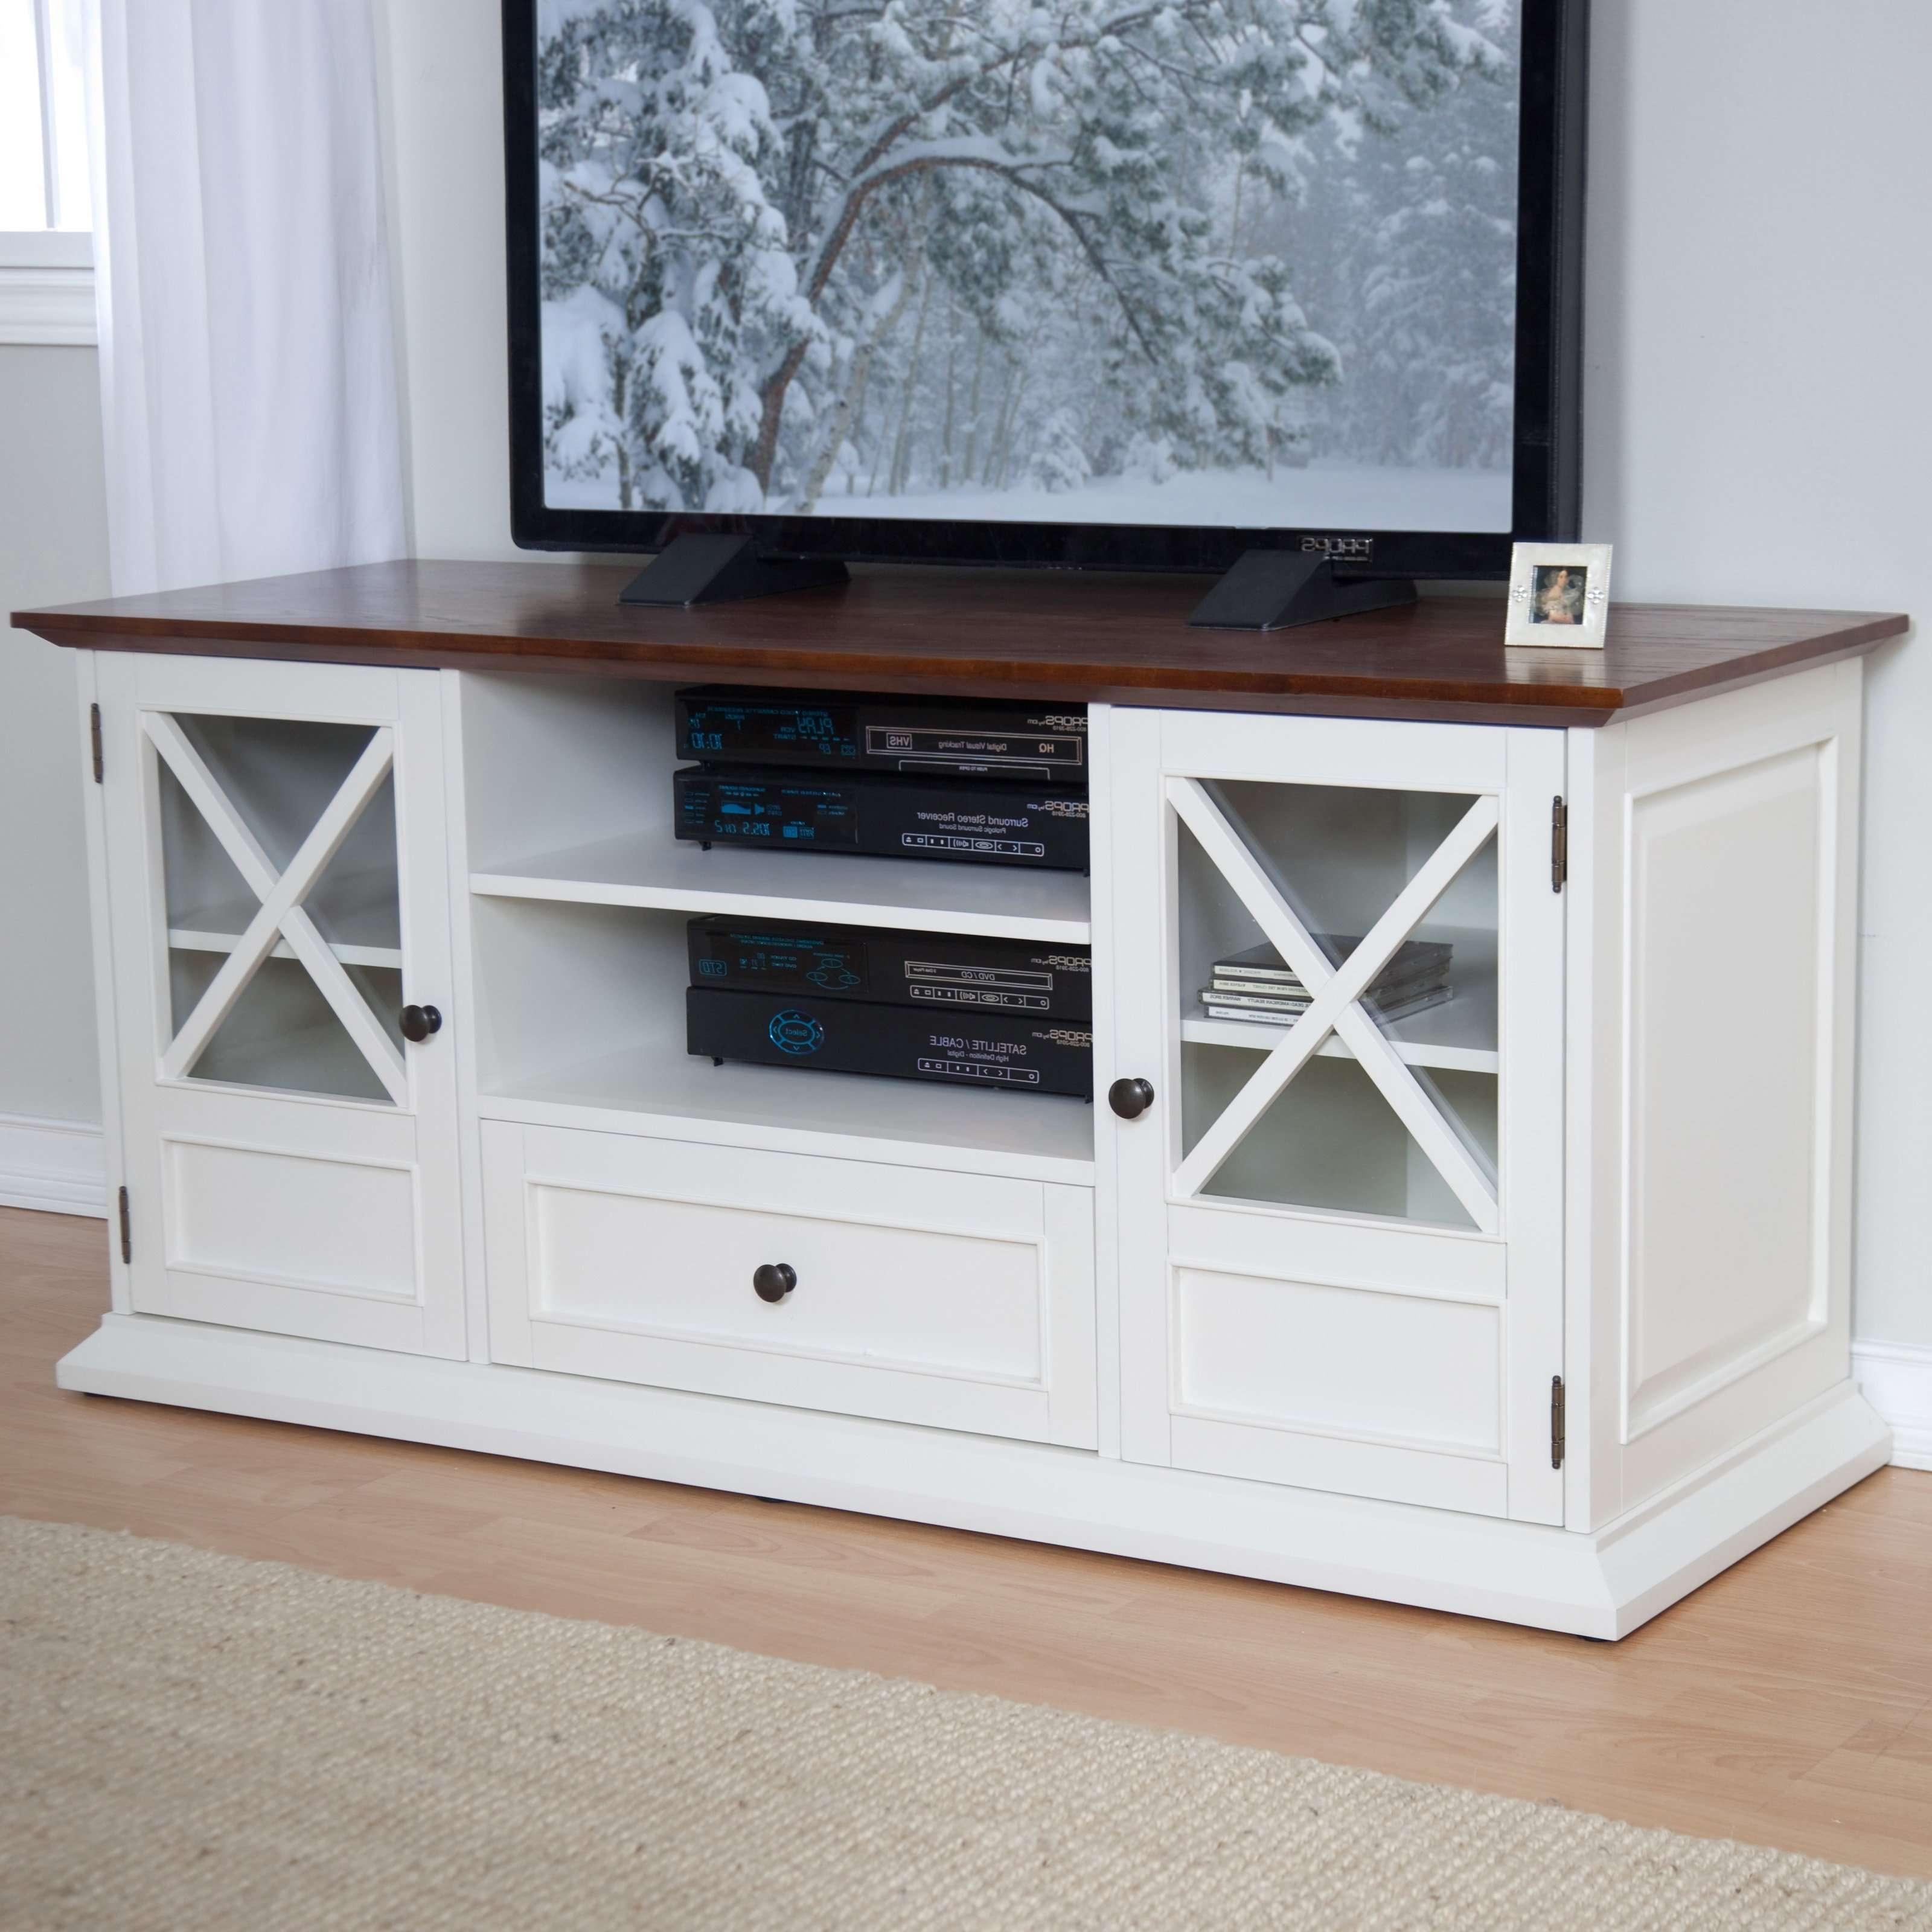 Walker Edison Barn Door Tv Stand With Side Doors   Hayneedle Pertaining To 24 Inch Deep Tv Stands (View 5 of 15)